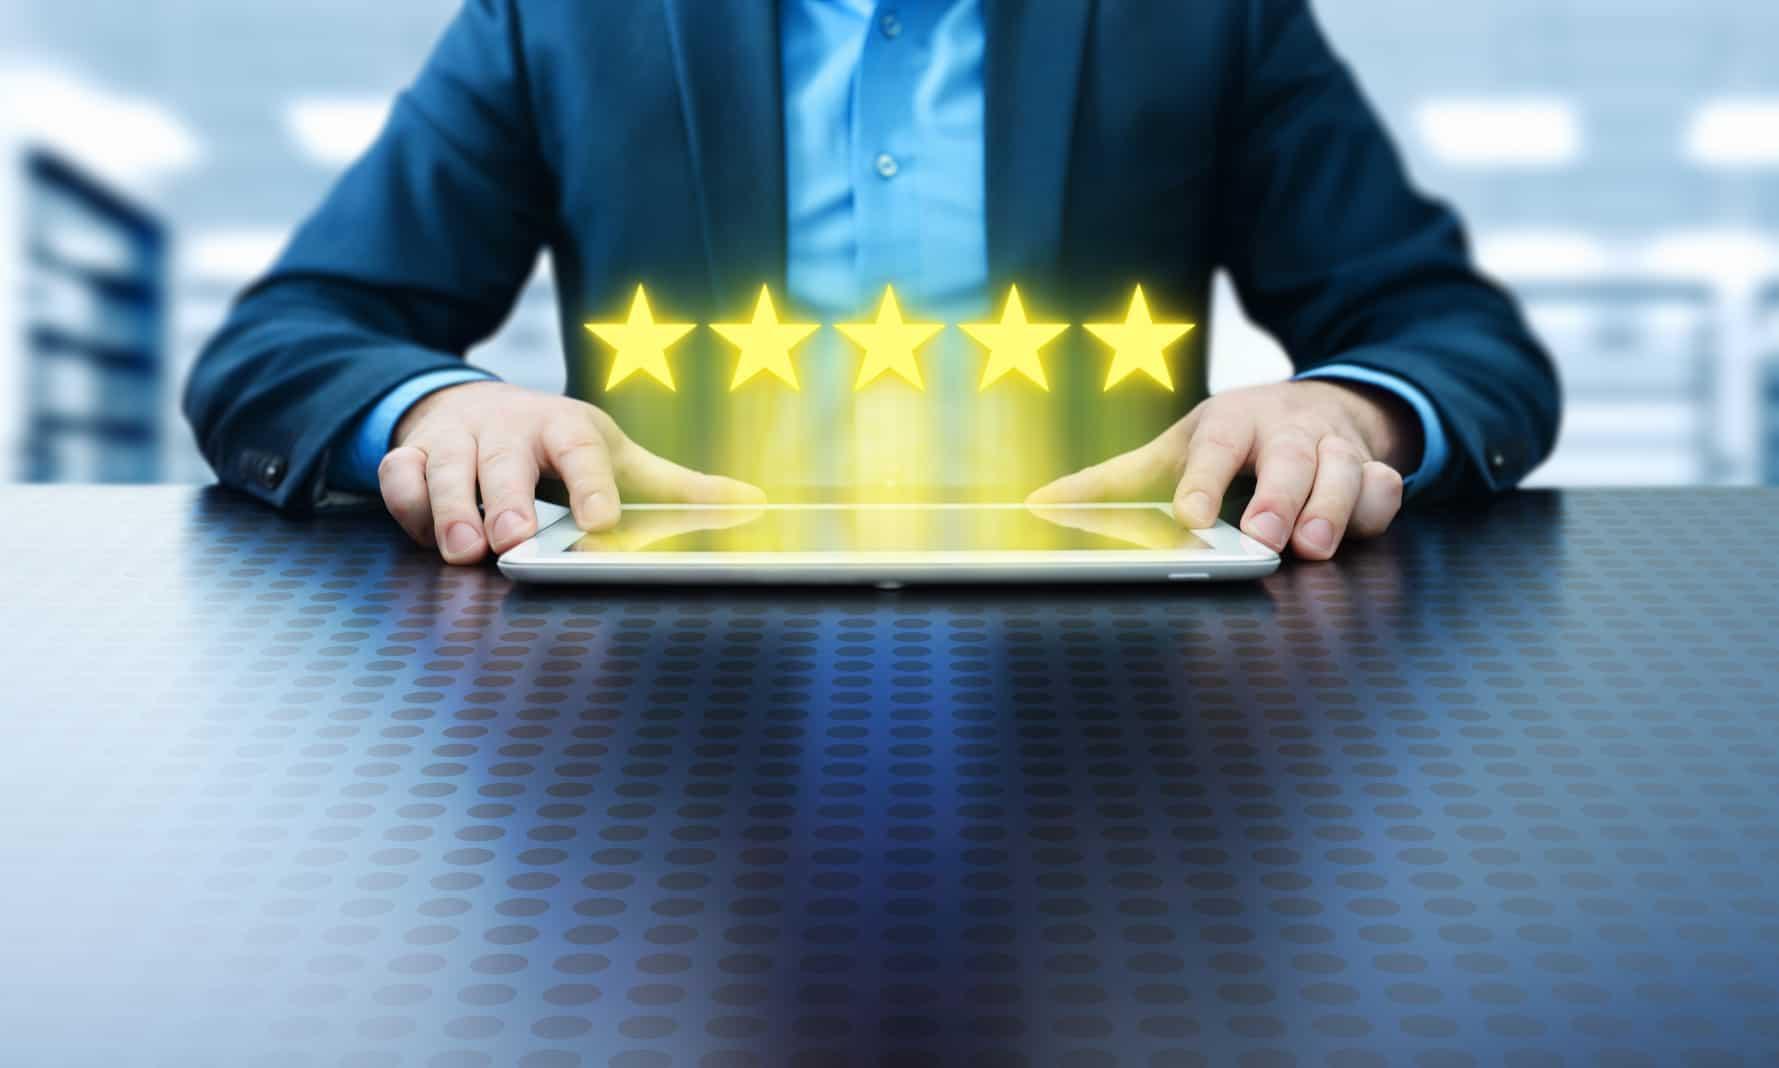 Maximización de la calidad de los bienes y servicios pueden ser consideradas como la provisión de los elementos básicos para mejorar el bienestar de los consumidores